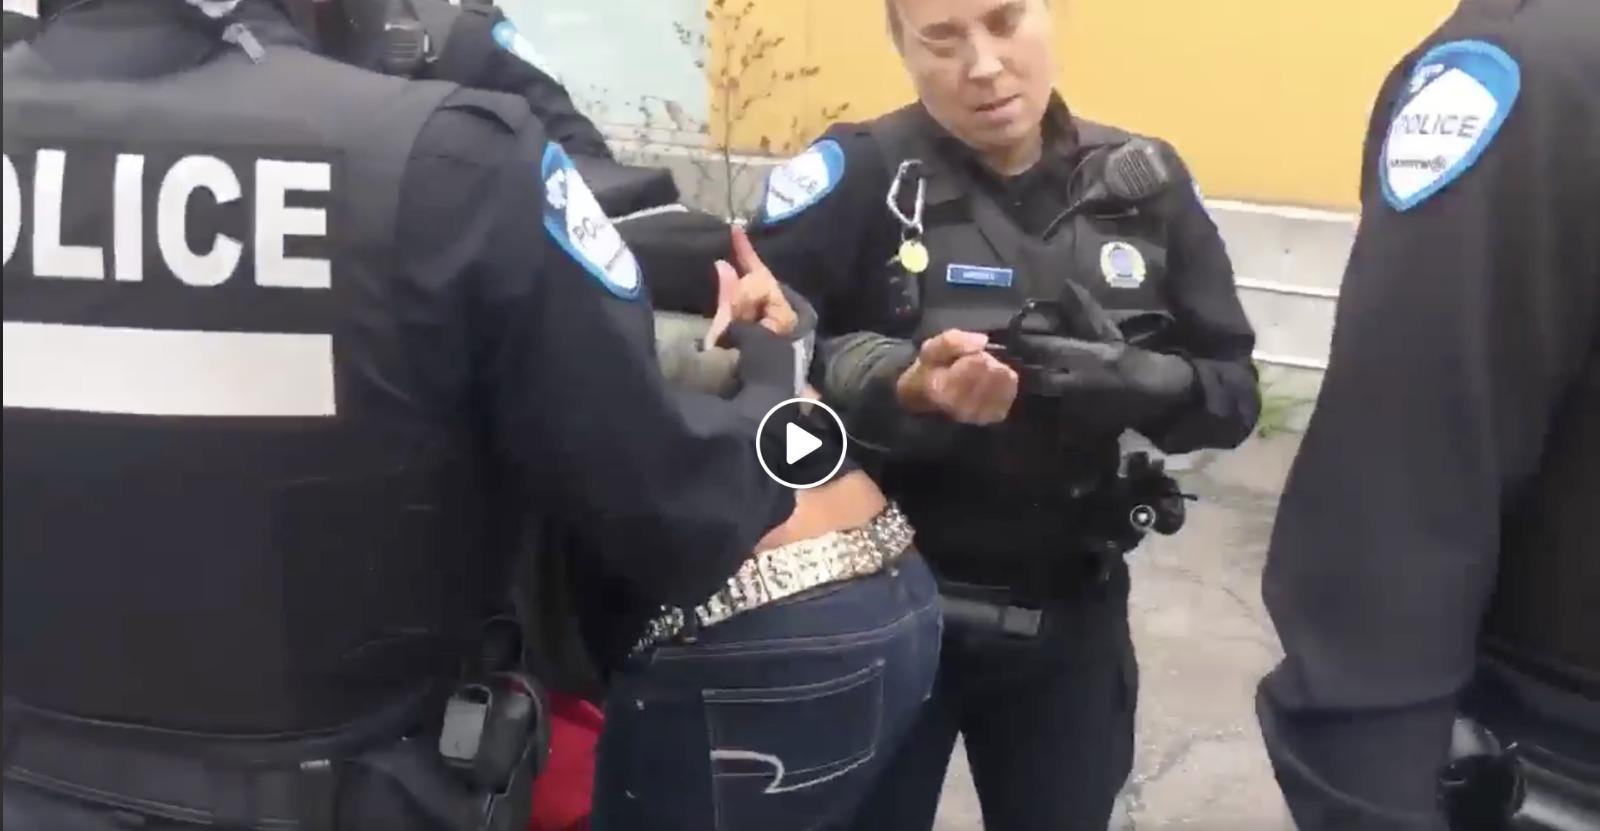 Capture vidéo de l'arrestation de Marie Dimanche, une protestataire haïtienne, lors d'une manifestation au Canada. Page Facebook: Solidarite Québec-Haïti.